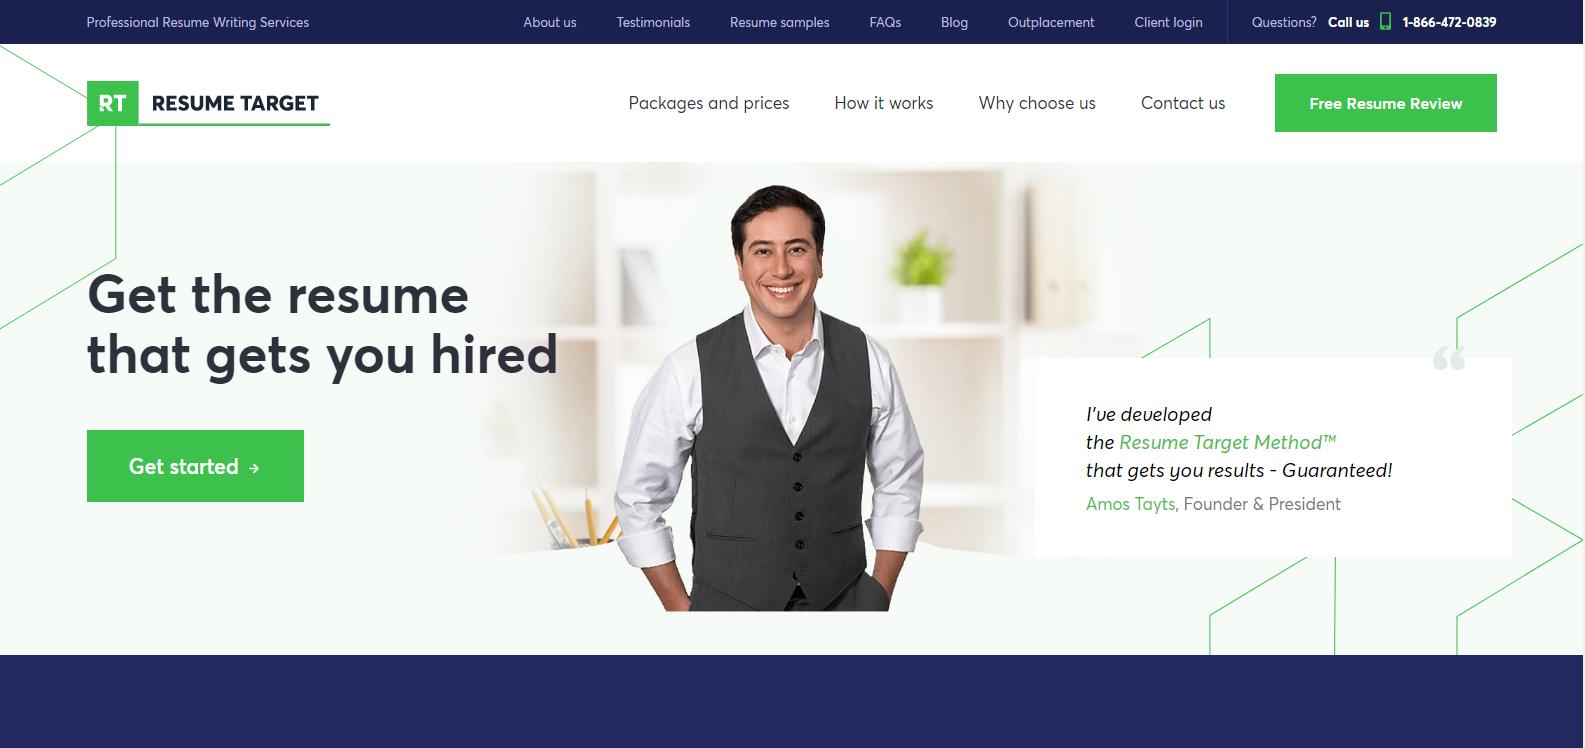 Best Sales Resume Services - Screenshot of Resume Target Homepage